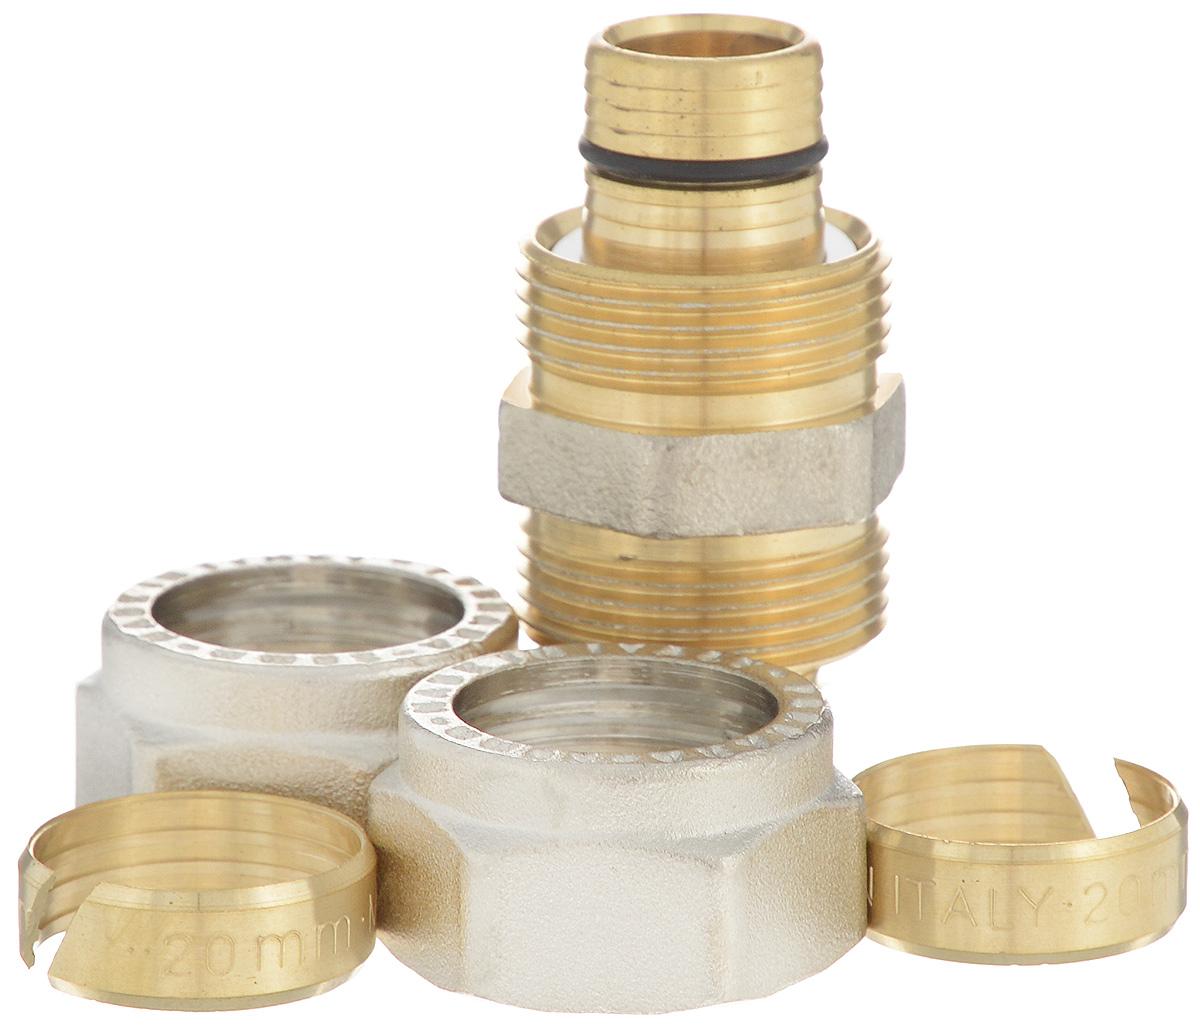 Соединитель Fornara, ц - ц, 20BL505Соединитель Fornara предназначен для соединения металлопластиковых труб с помощью разводного ключа. Соединение получается разъемным, что позволяет при необходимости заменять уплотнительные кольца, а также производить обслуживание участка трубопровода.